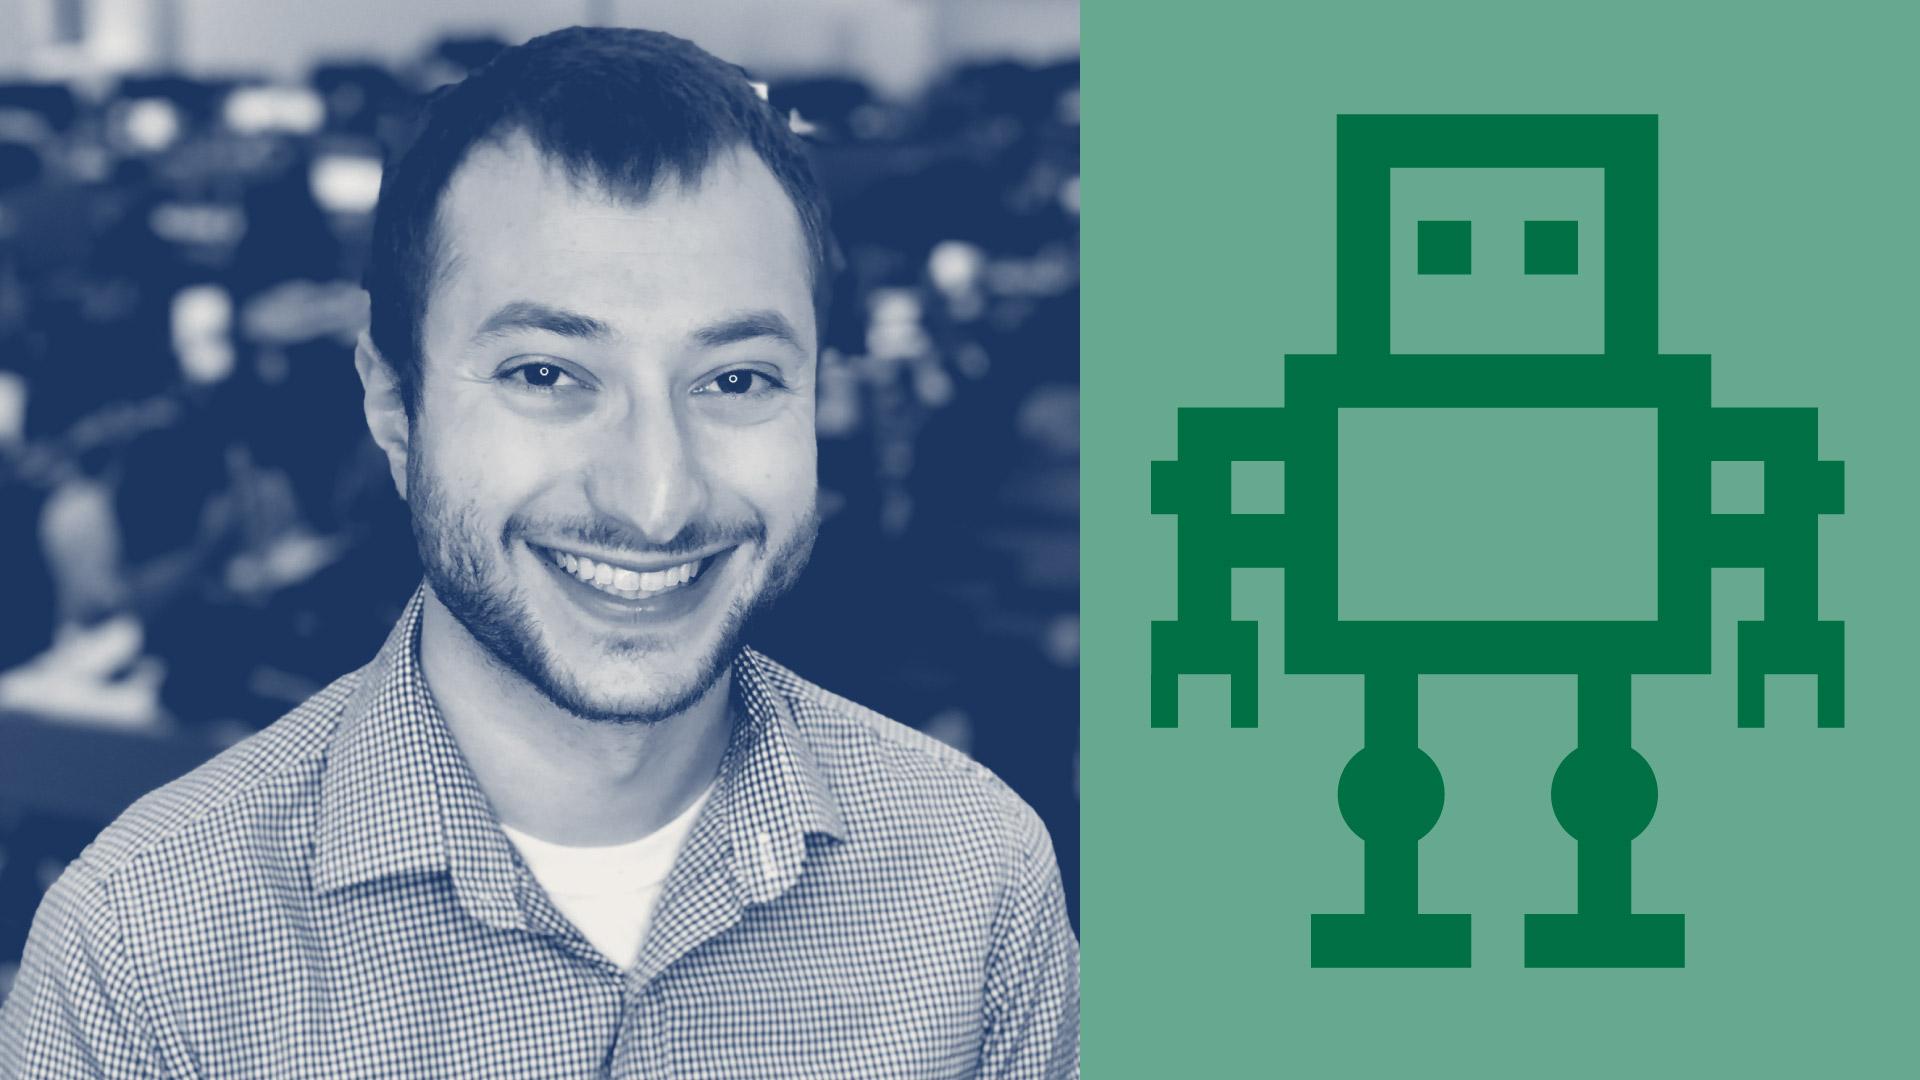 Meet software engineer and app-developer Jake Goldrich